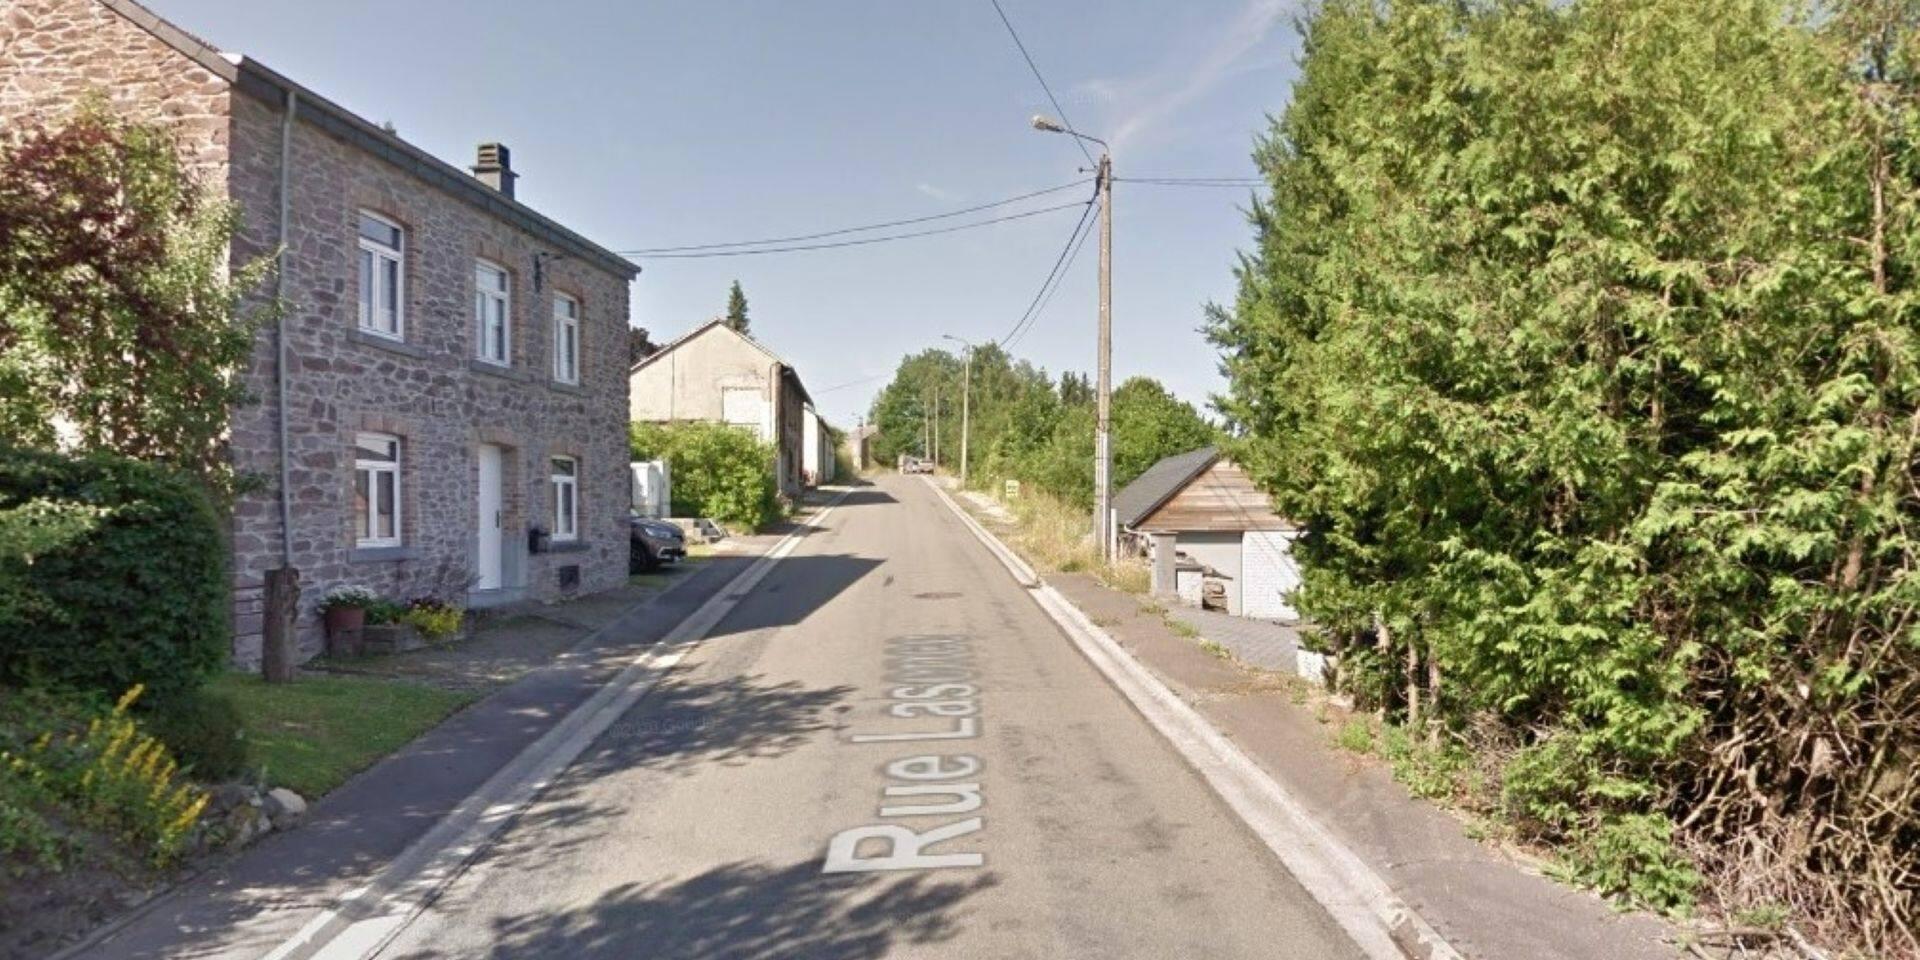 Une voiture percute un camion à Poix-Saint-Hubert : un blessé léger